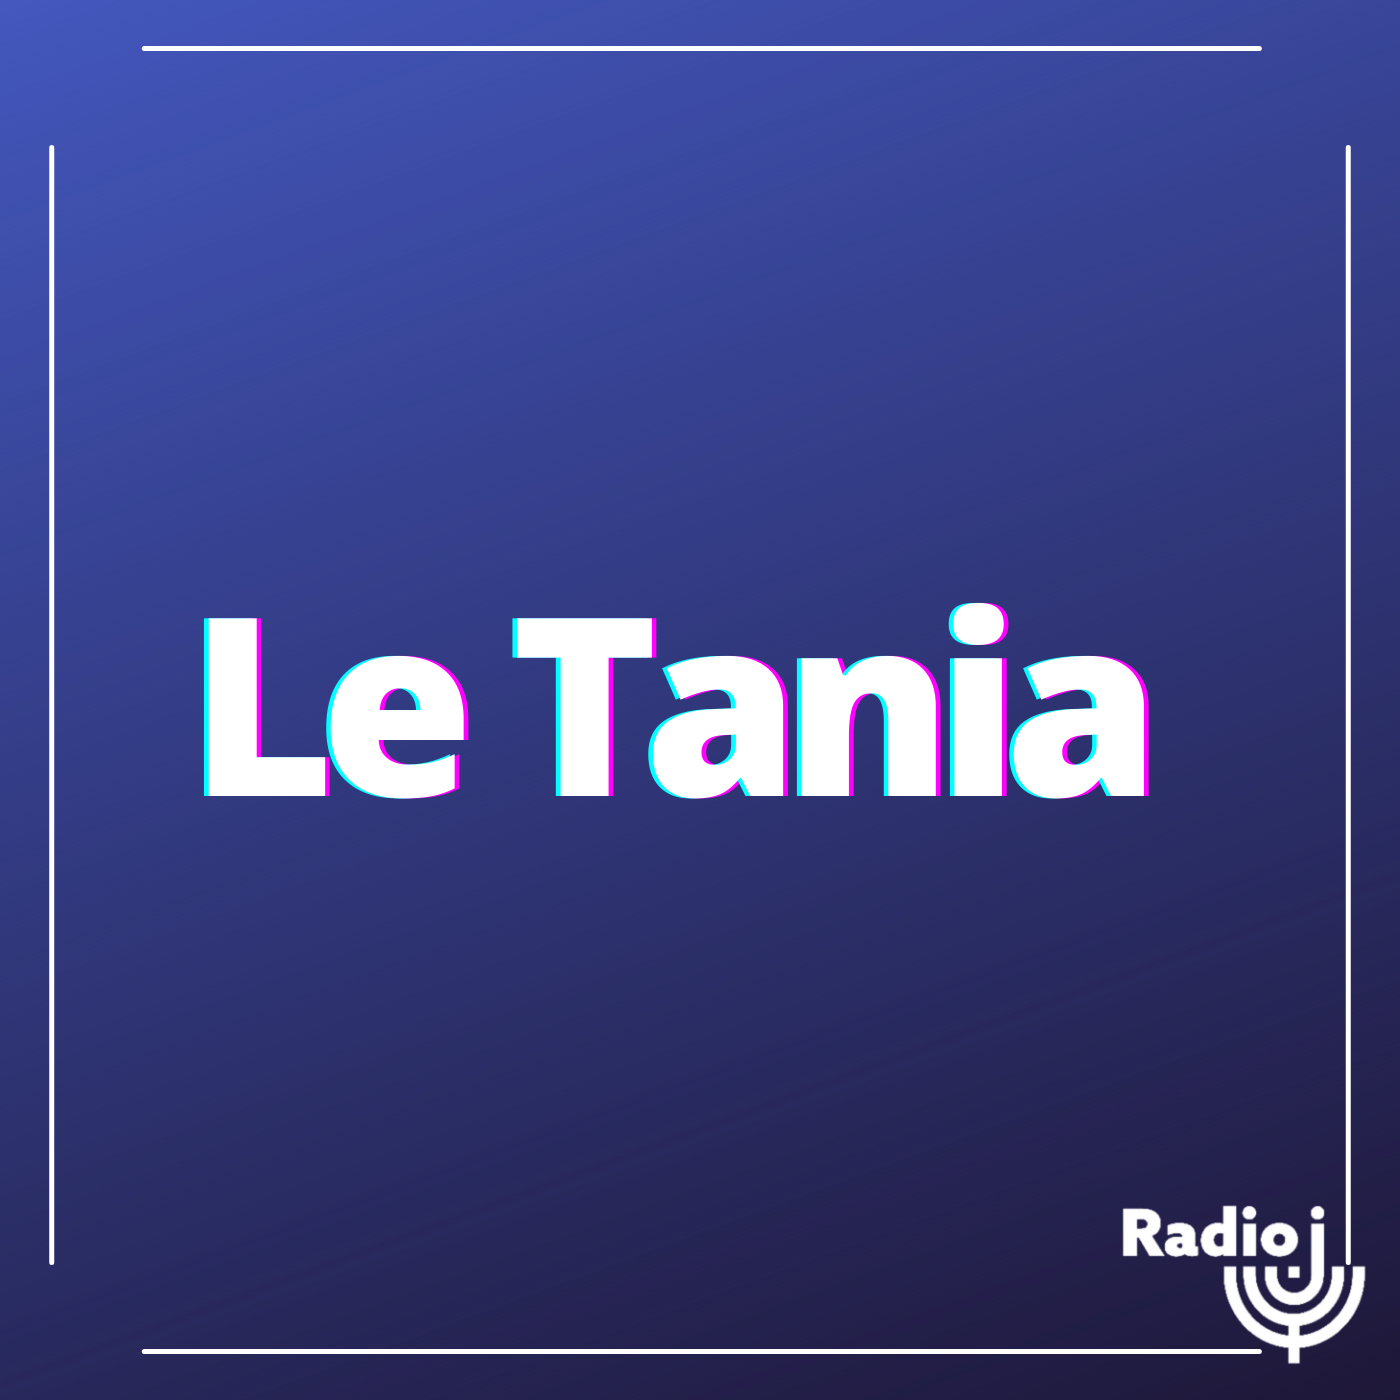 Le Tania